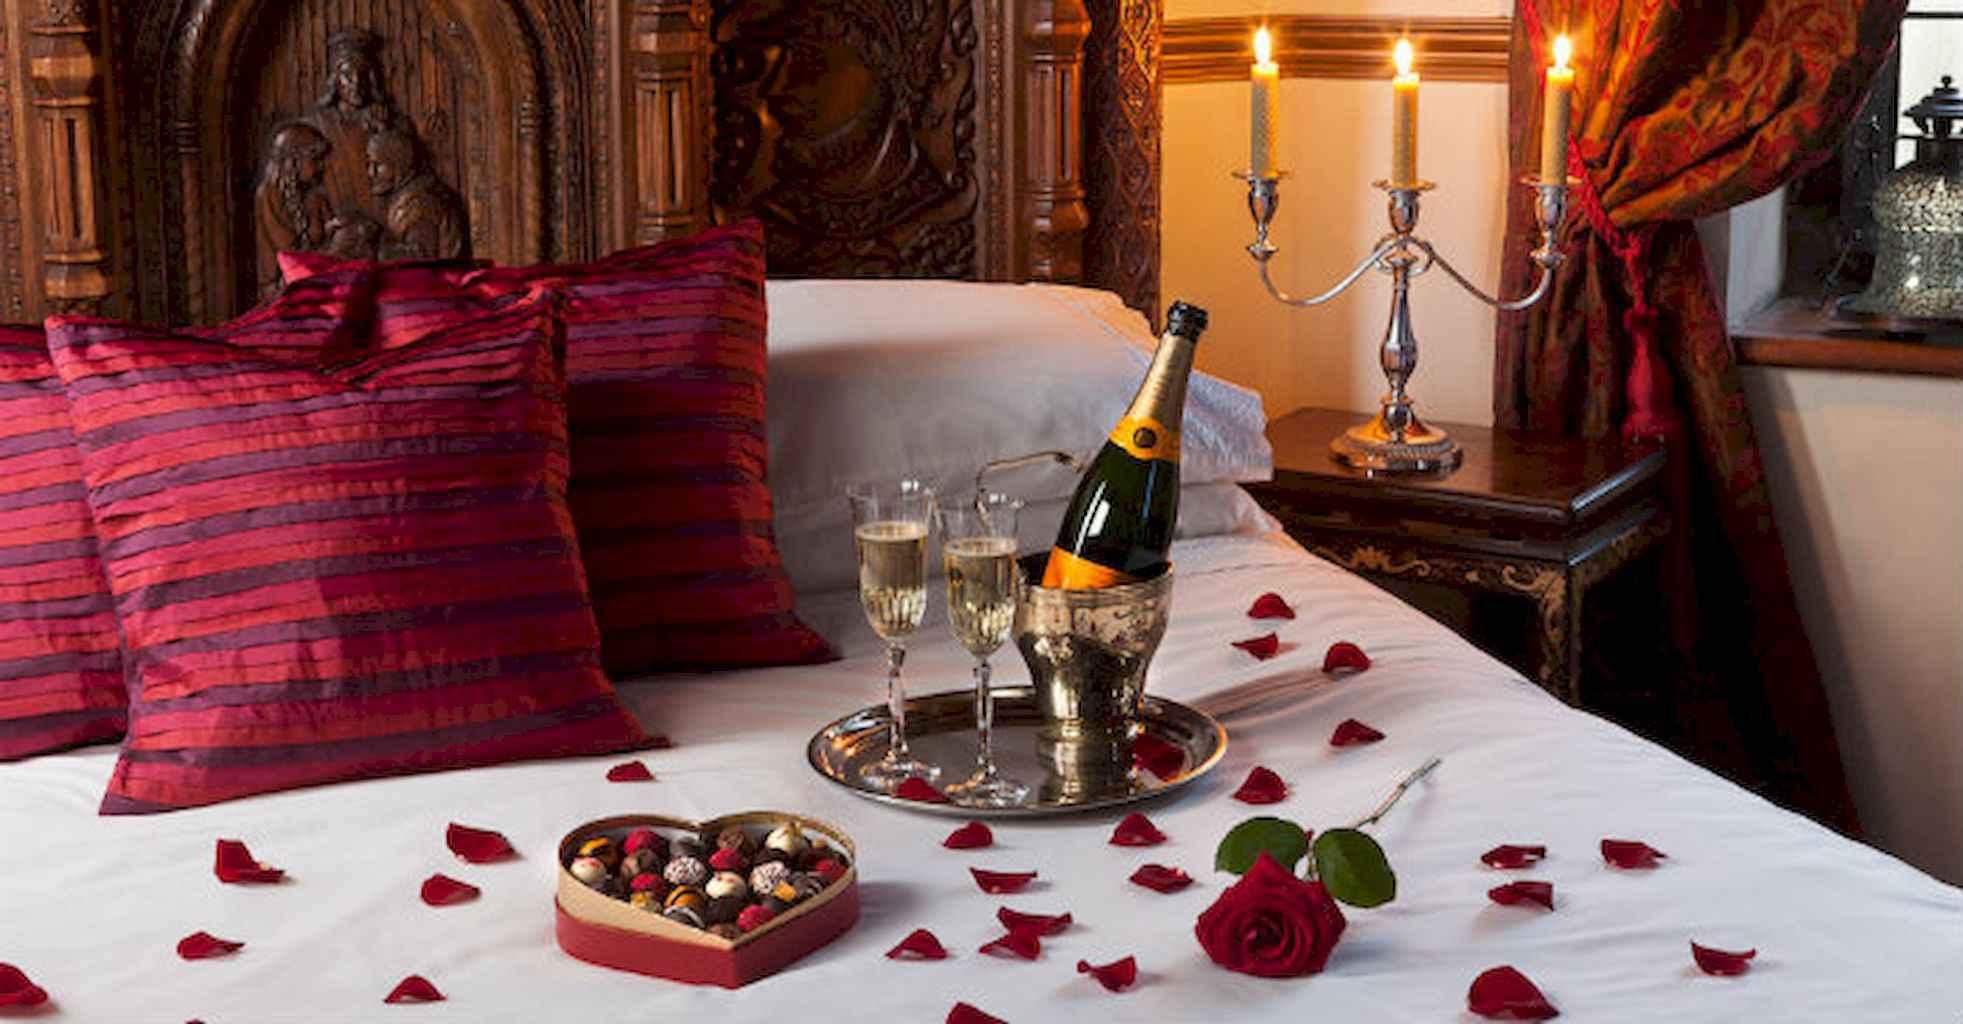 50 Romantic Valentine Bedroom Decor Ideas (43)